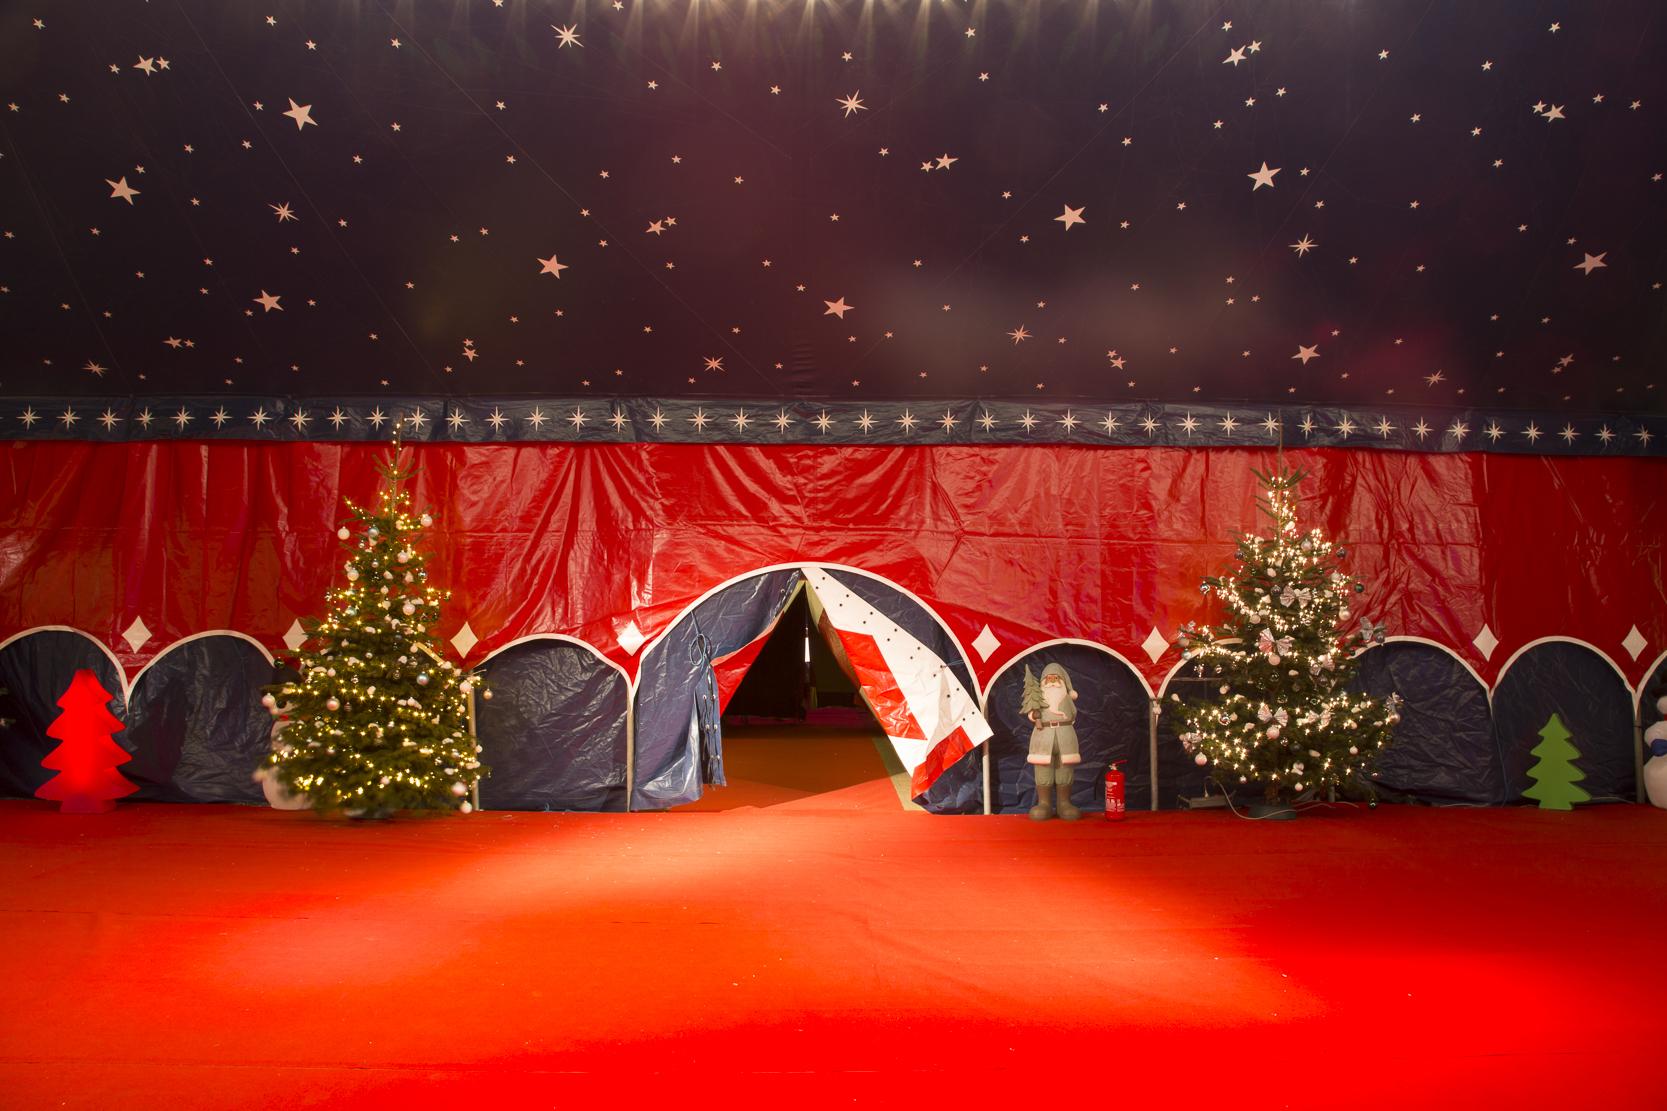 Moskauer Weihnachtscircus Augsburg